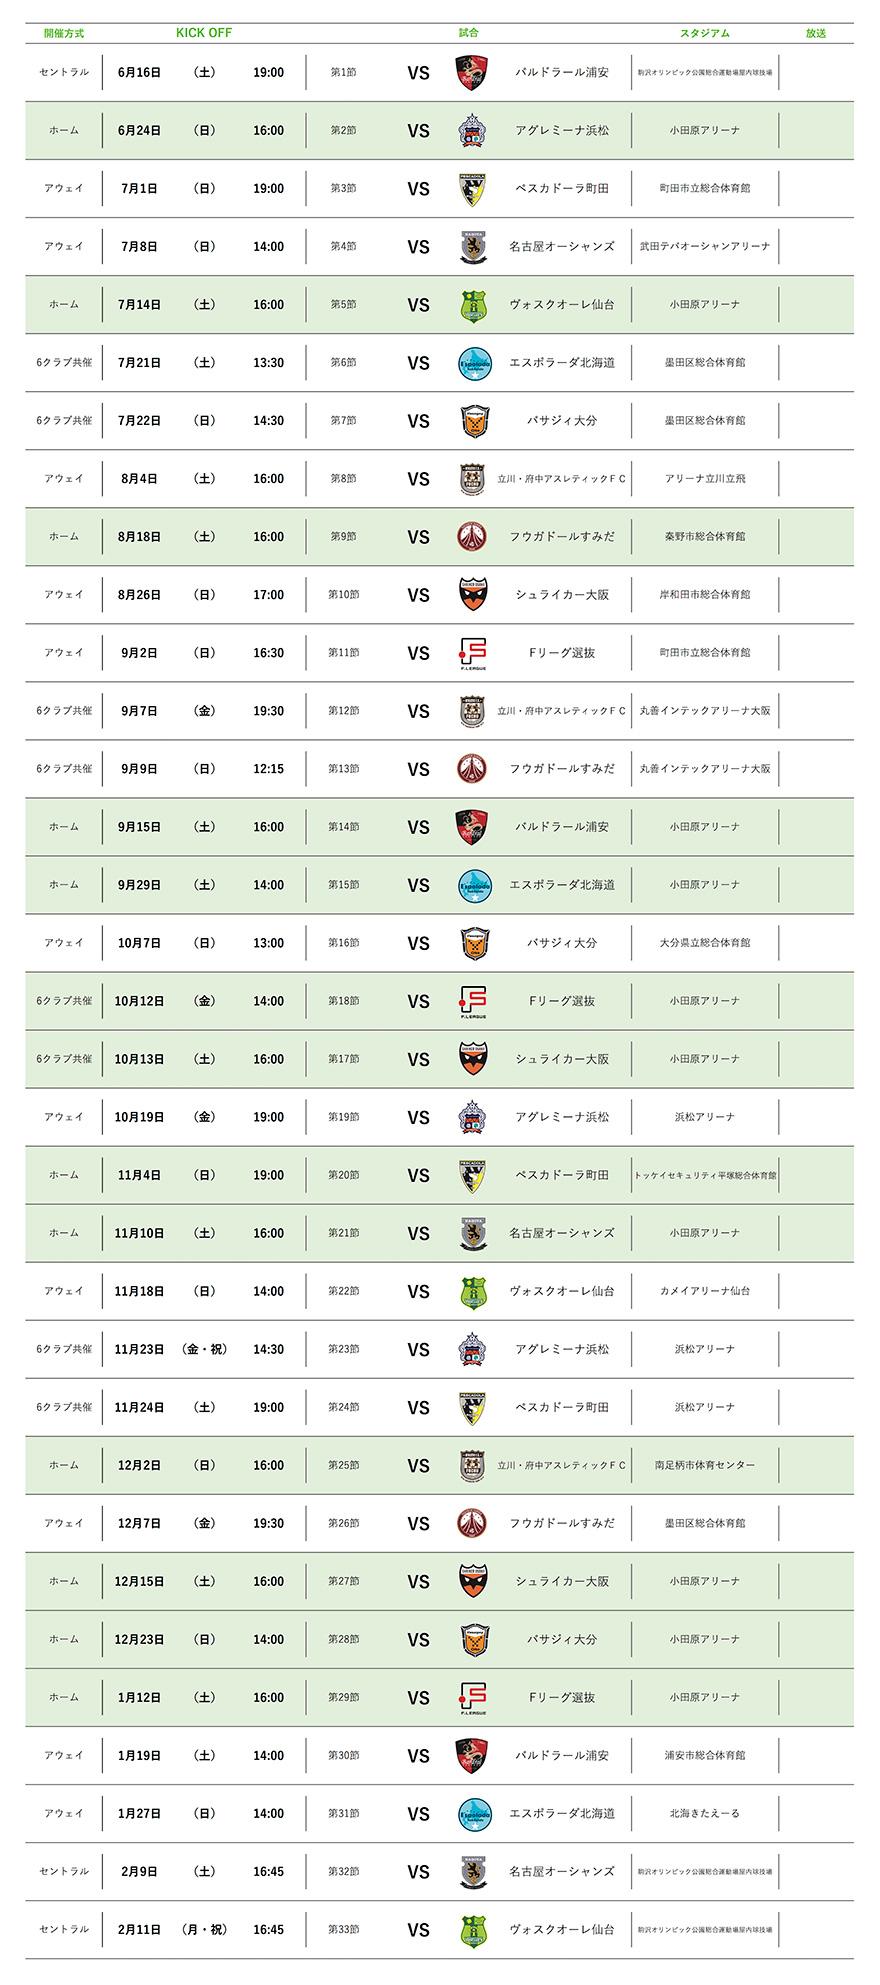 http://www.bellmare.or.jp/futsal/news/photo/fs180413_01_01.jpg